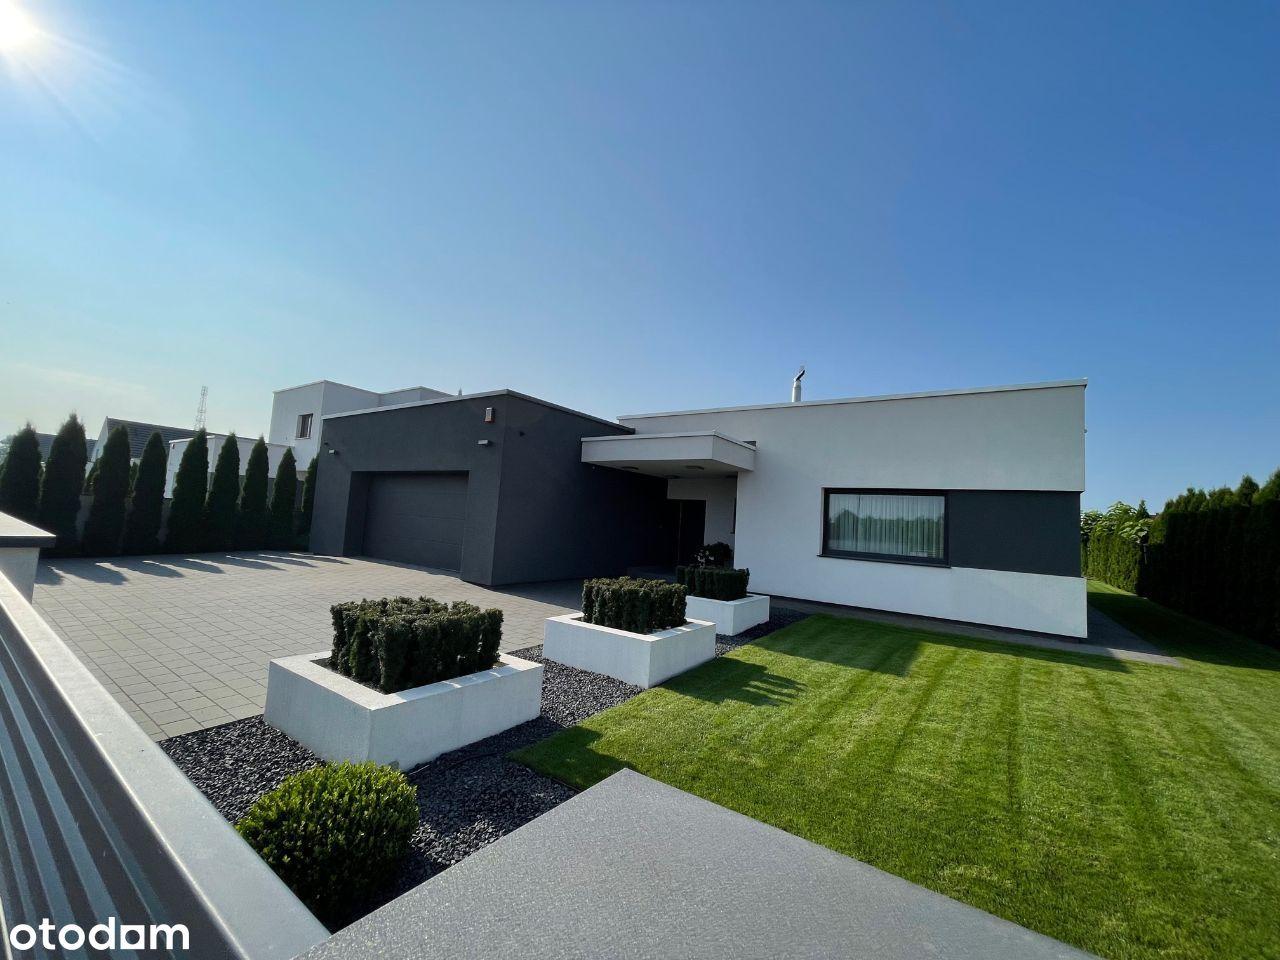 Nowoczesny dom parterowy 202 m2 - basen